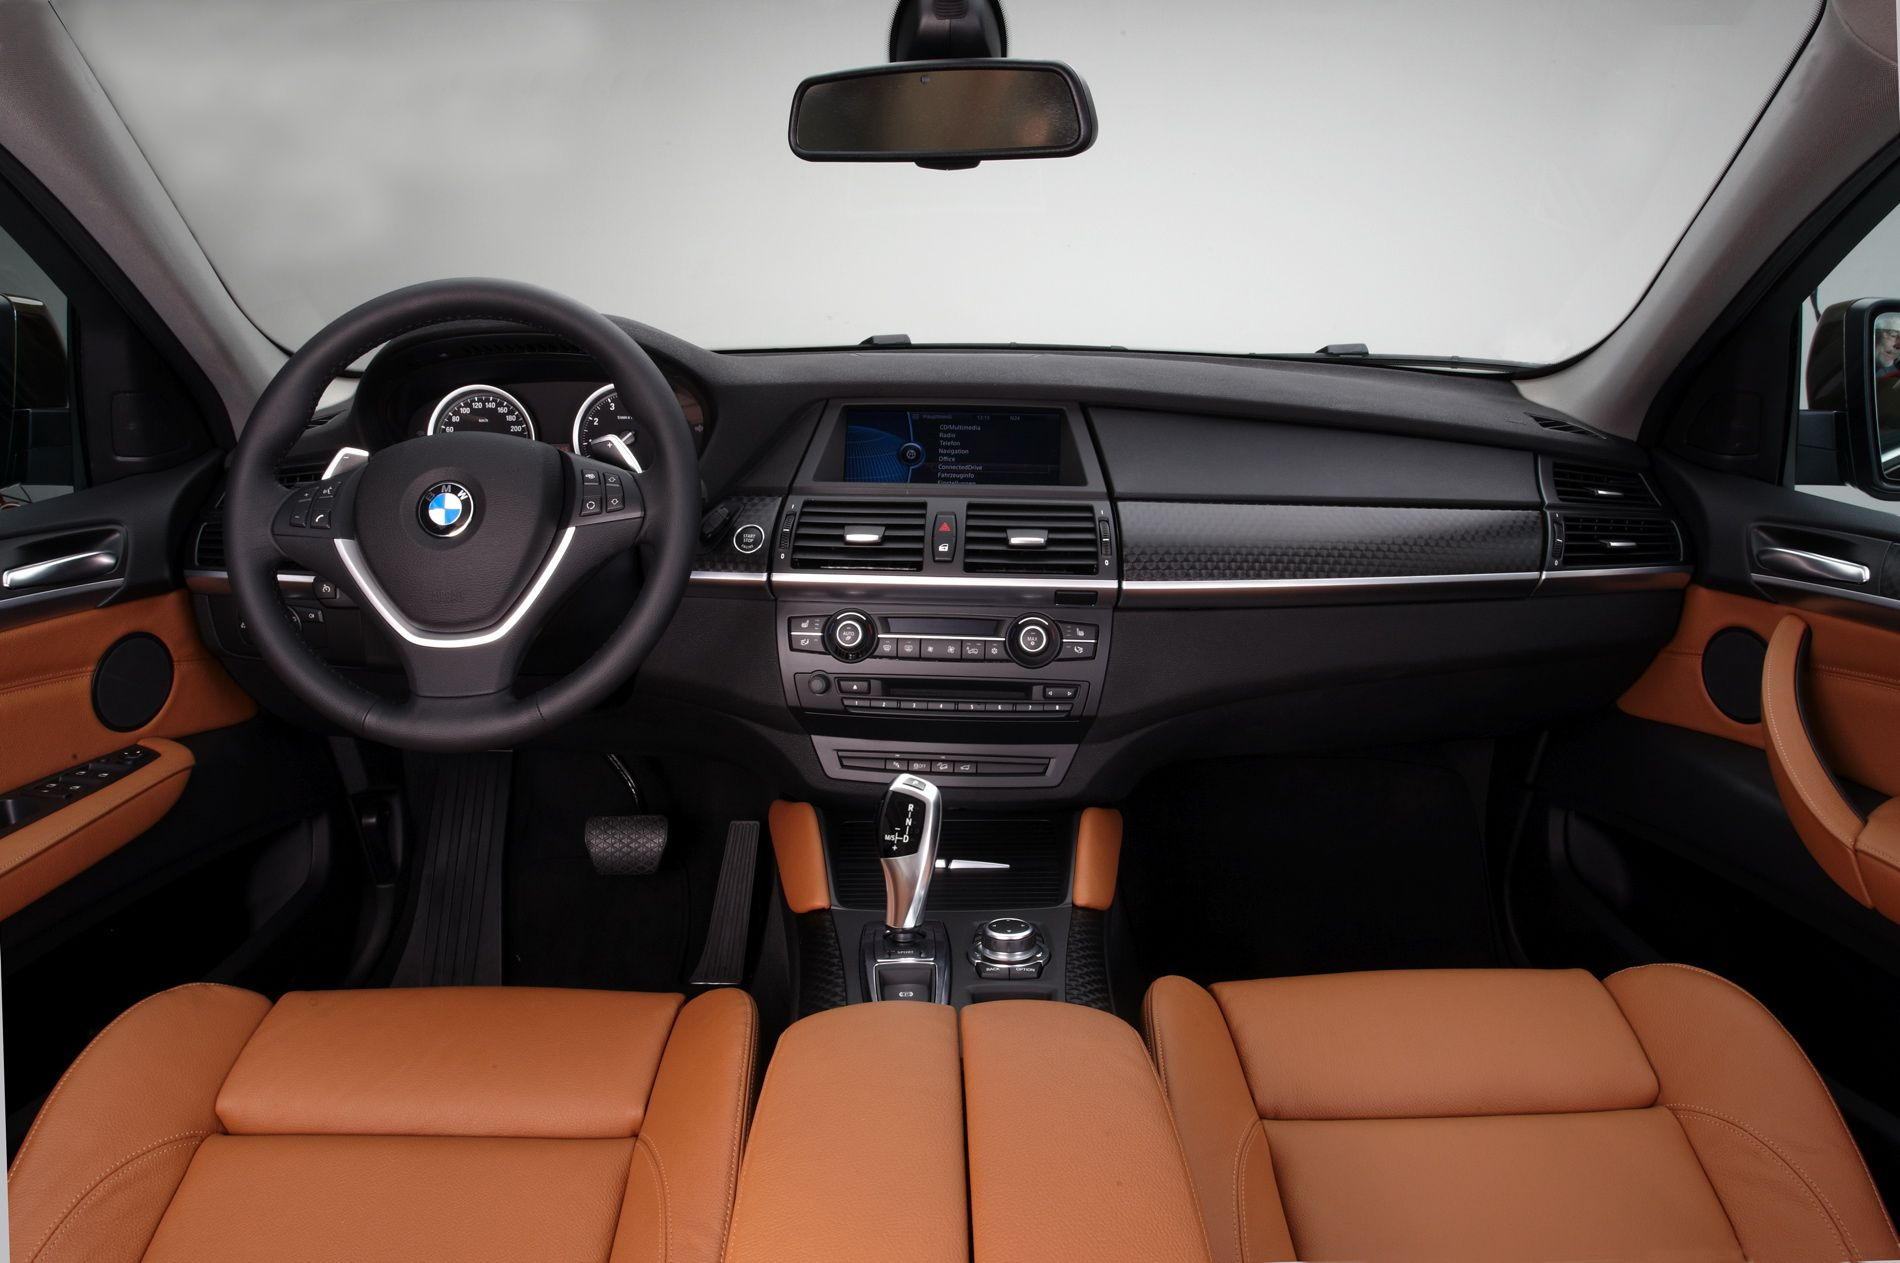 Interior Of Bmw X6 The Car Spot Bmw Pinterest Bmw X6 Bmw